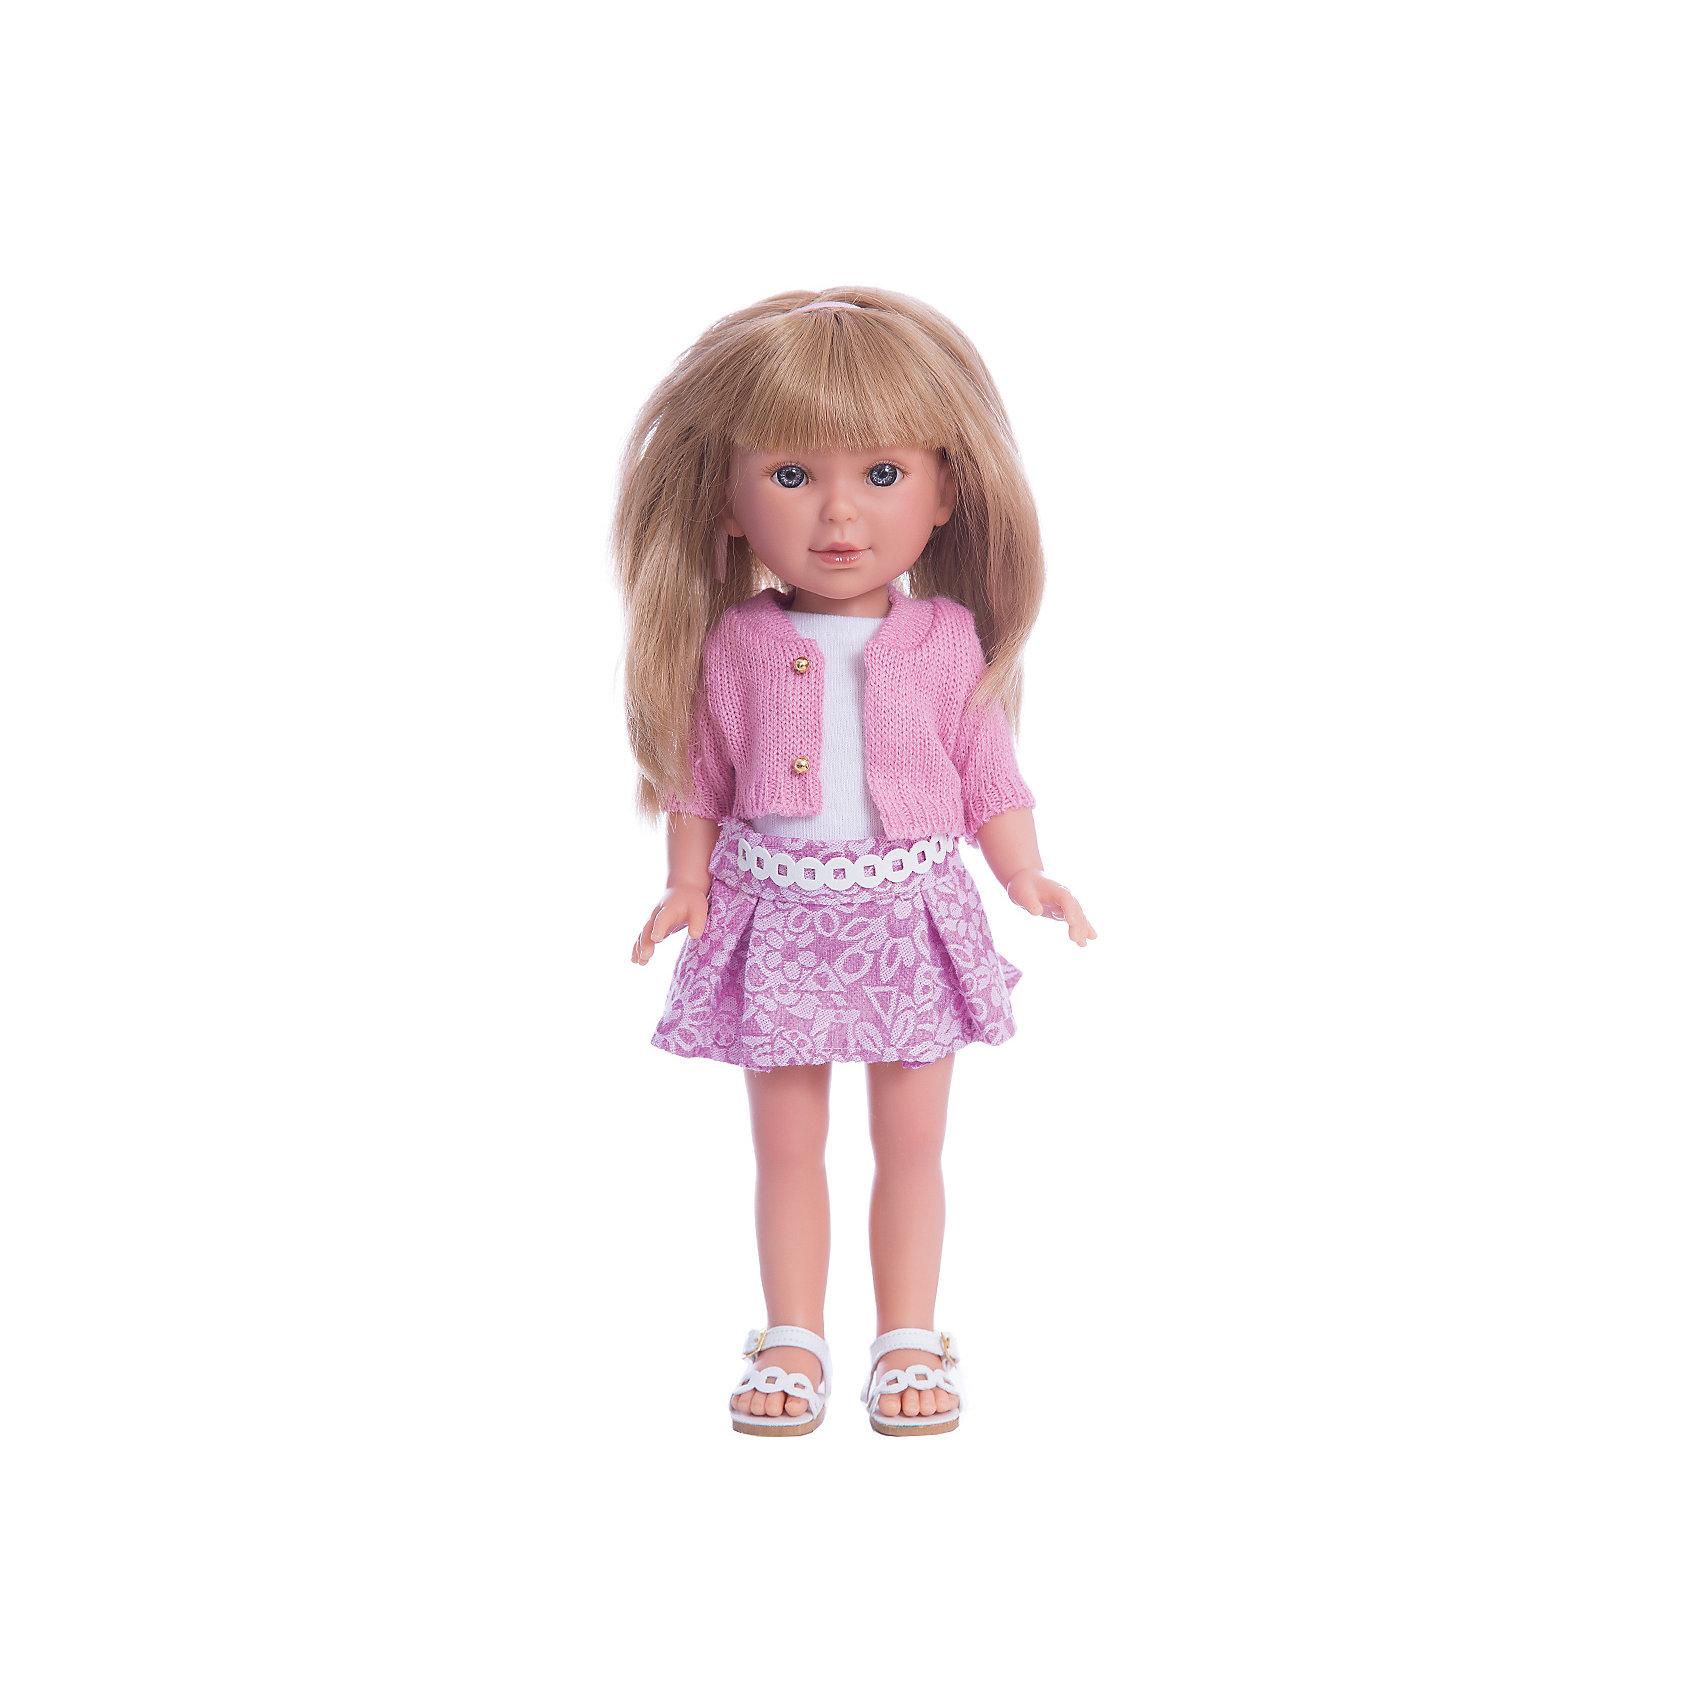 Кукла Паулина, блондинка с челкой, Лето Городской Шик, Vestida de AzulКлассические куклы<br>Характеристики товара:<br><br>• возраст: от 3 лет;<br>• материал: винил, текстиль;<br>• в комплекте: кукла, наряд;<br>• высота куклы: 33 см;<br>• размер упаковки: 40х18х9 см;<br>• вес упаковки: 655 гр.;<br>• страна производитель: Испания.<br><br>Кукла Паулина блондинка с челкой «Лето Городской Шик» Vestida de Azul одета в майку, розовую юбочку и розовый кардиган. У Паулины милое личико с большими живыми глазками, щечками с легким румянцем. Светлые мягкие волосы очень похожи на натуральные. Девочка сможет расчесывать их, укладывать, заплетать, придумывая кукле разнообразные прически.<br><br>Куклу Паулину блондинка с челкой «Лето Городской Шик» Vestida de Azul можно приобрести в нашем интернет-магазине.<br><br>Ширина мм: 225<br>Глубина мм: 105<br>Высота мм: 405<br>Вес г: 700<br>Возраст от месяцев: 36<br>Возраст до месяцев: 2147483647<br>Пол: Женский<br>Возраст: Детский<br>SKU: 6844338